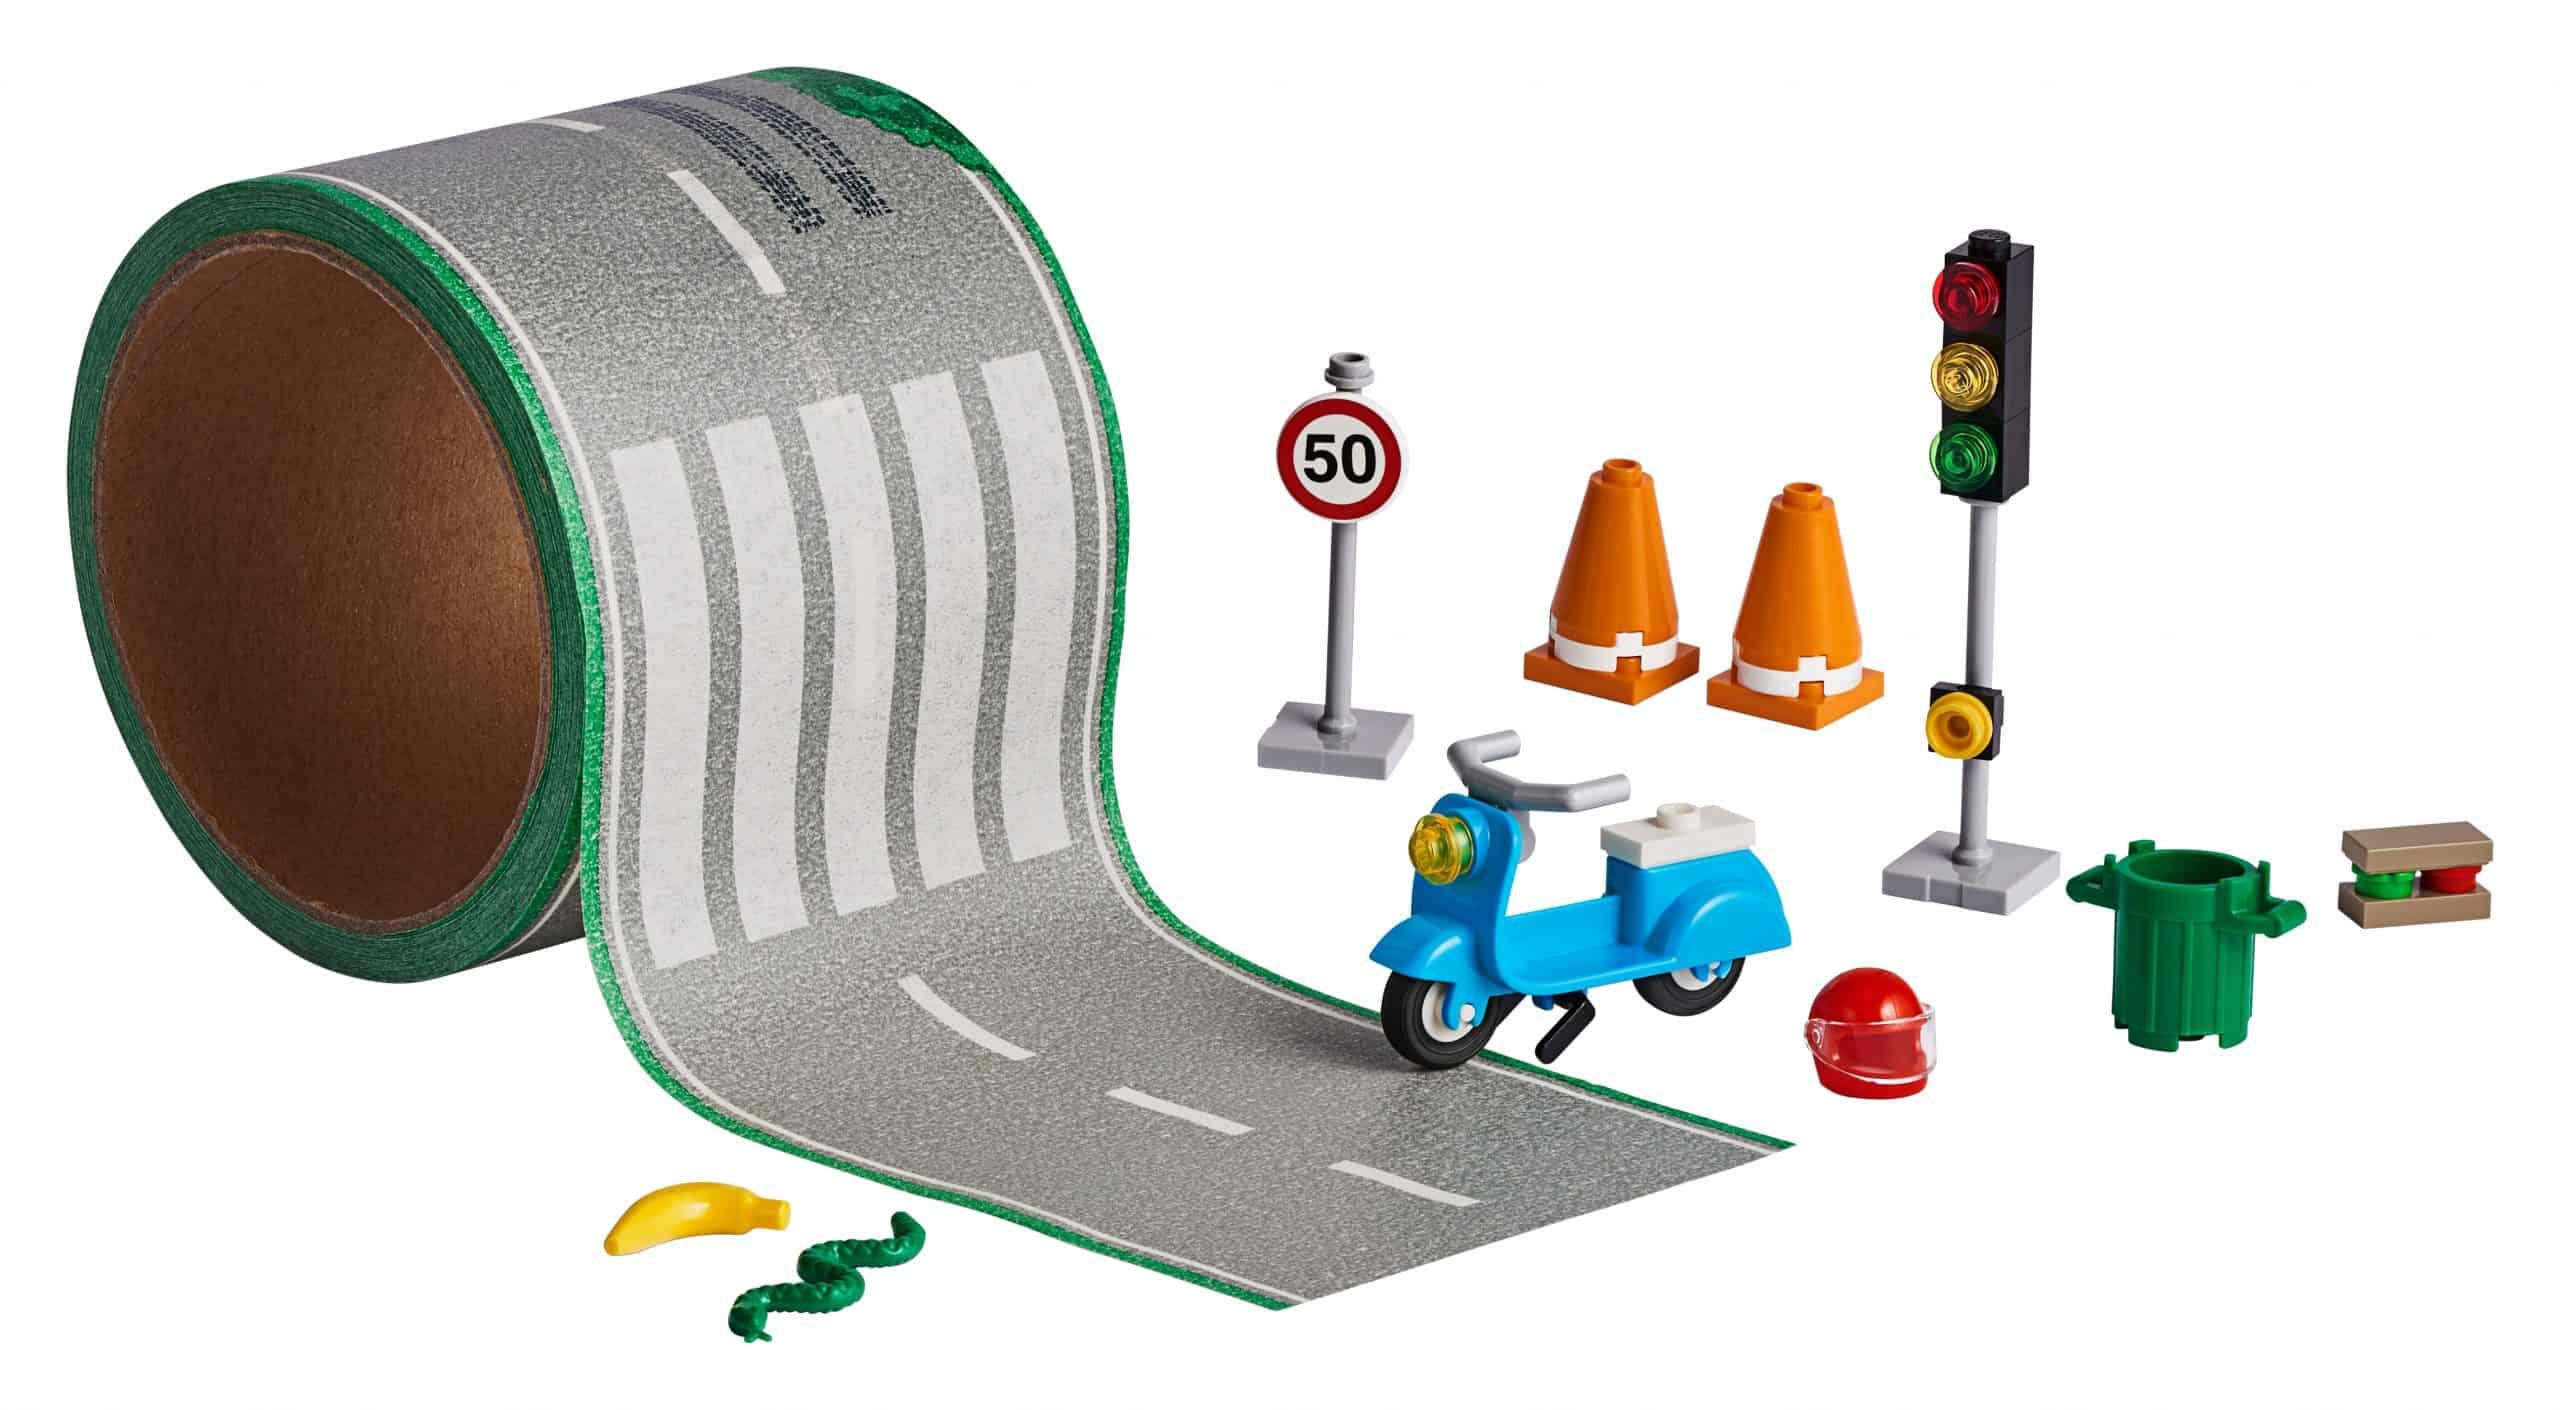 lego wegplakband 854048 scaled